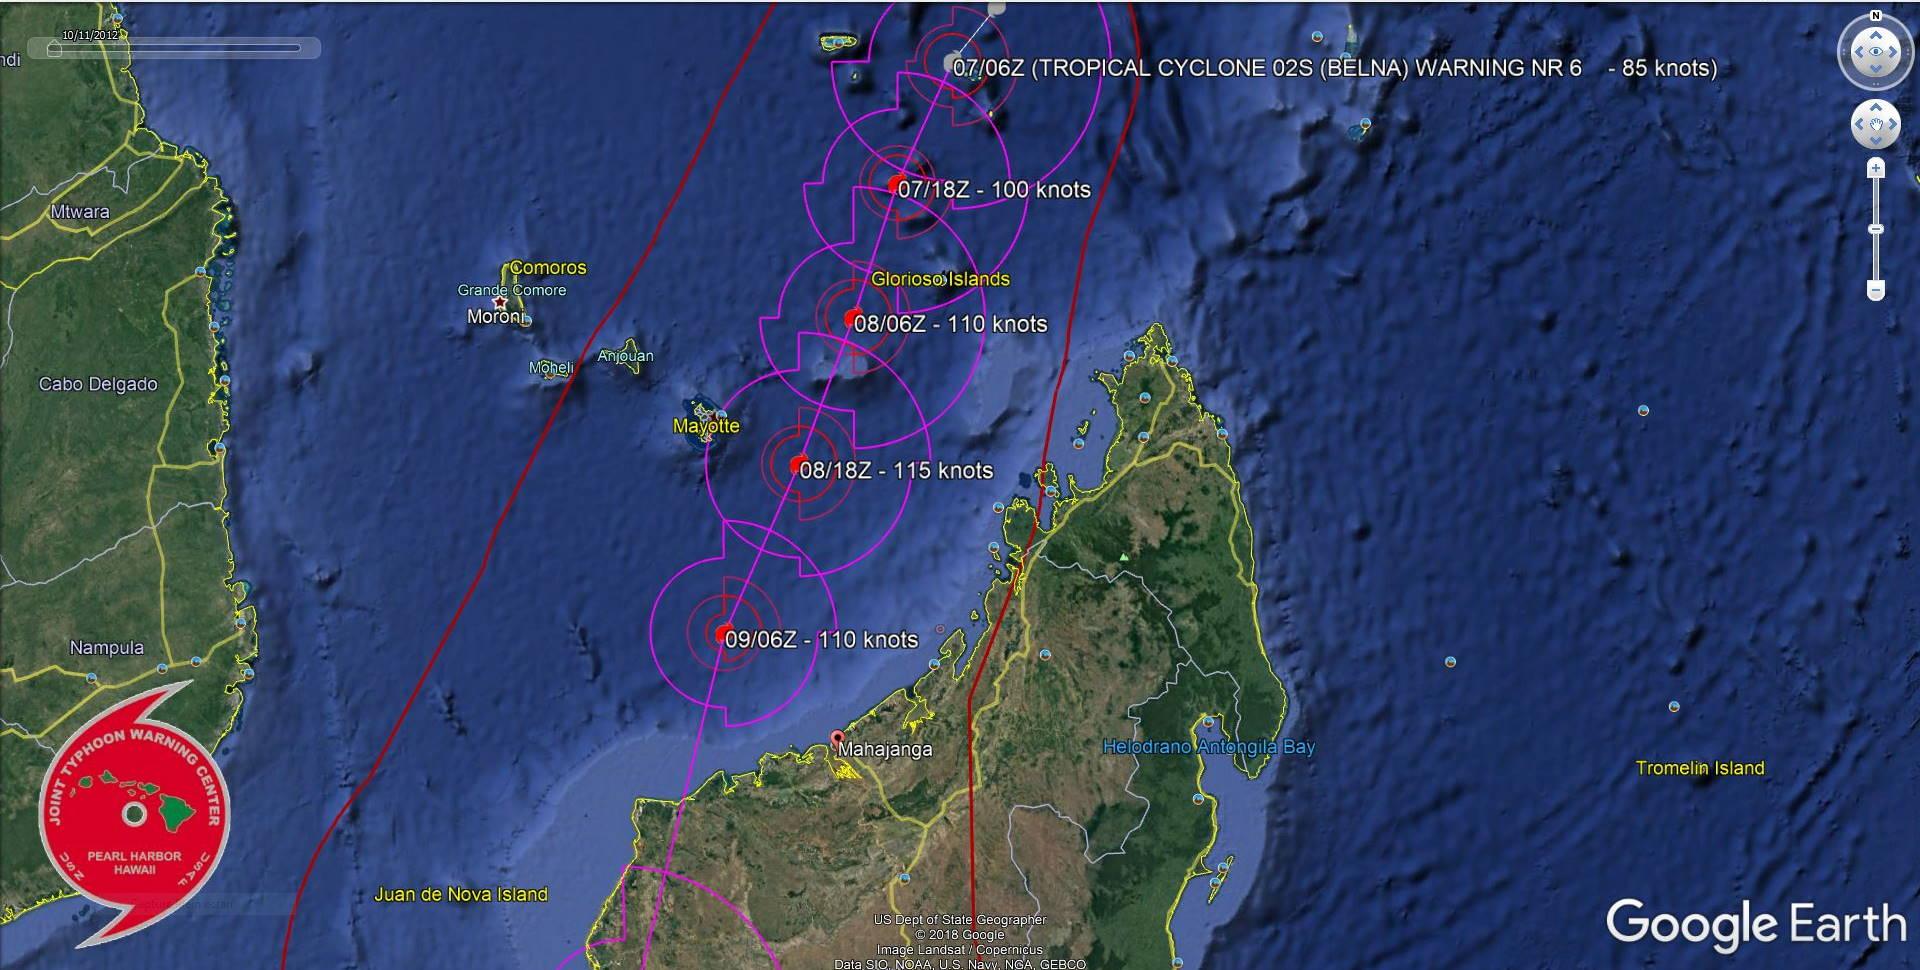 TC 02S(BELNA) cat 2 and intensifying. 03S(AMBALI), Invest 92B and 93P: updates 07/09UTC